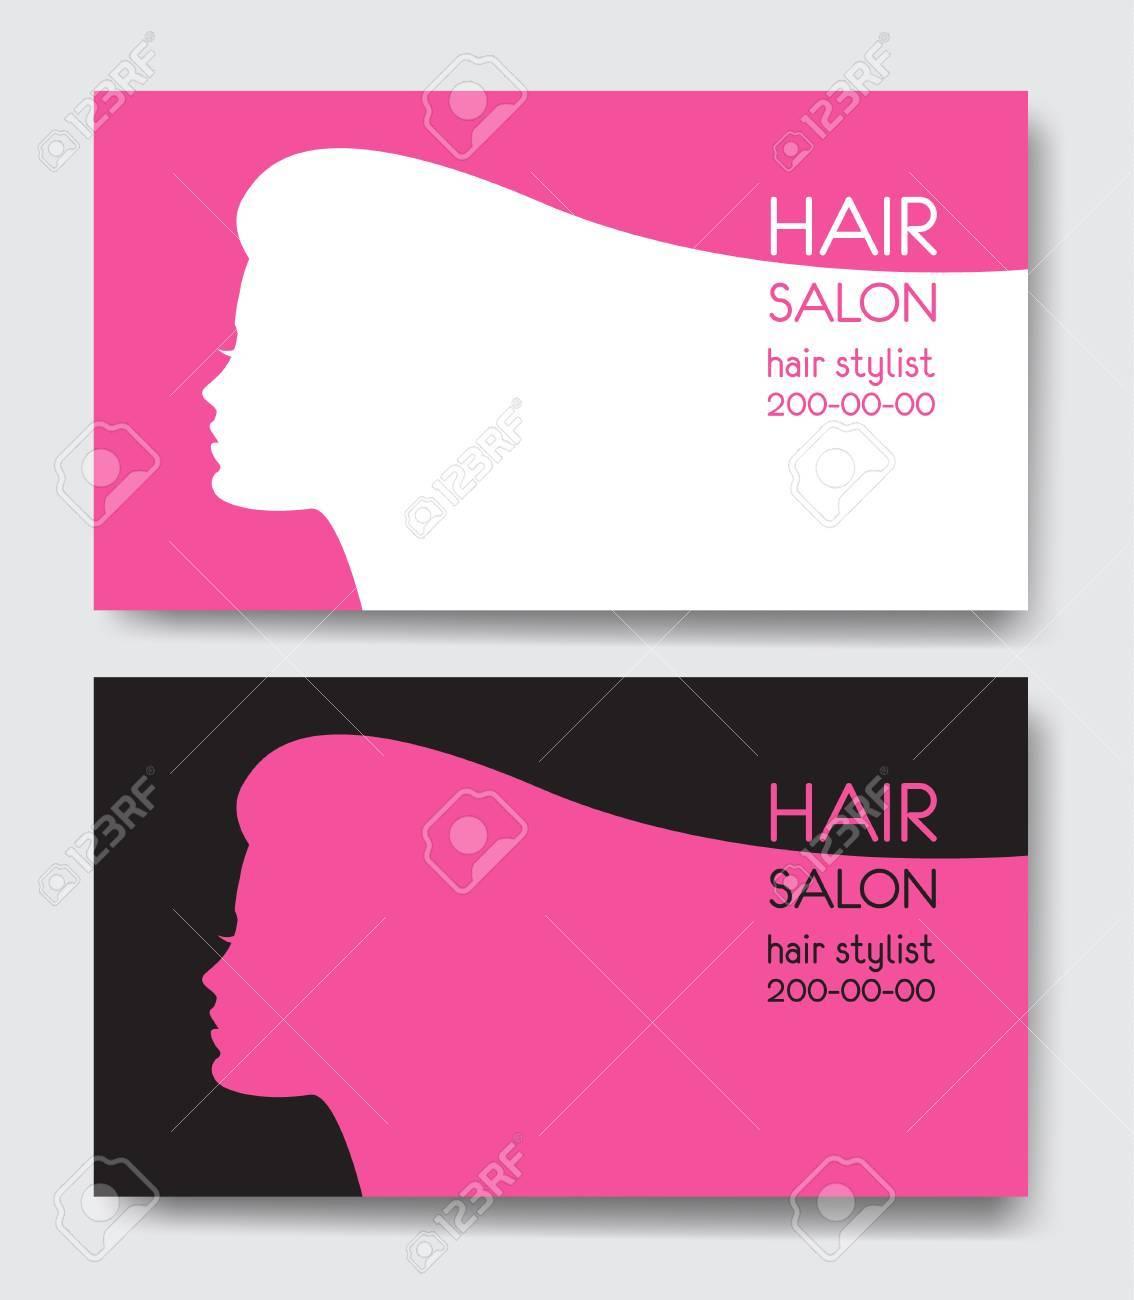 Hair salon business card templates royalty free cliparts vectors hair salon business card templates stock vector 76498015 flashek Choice Image